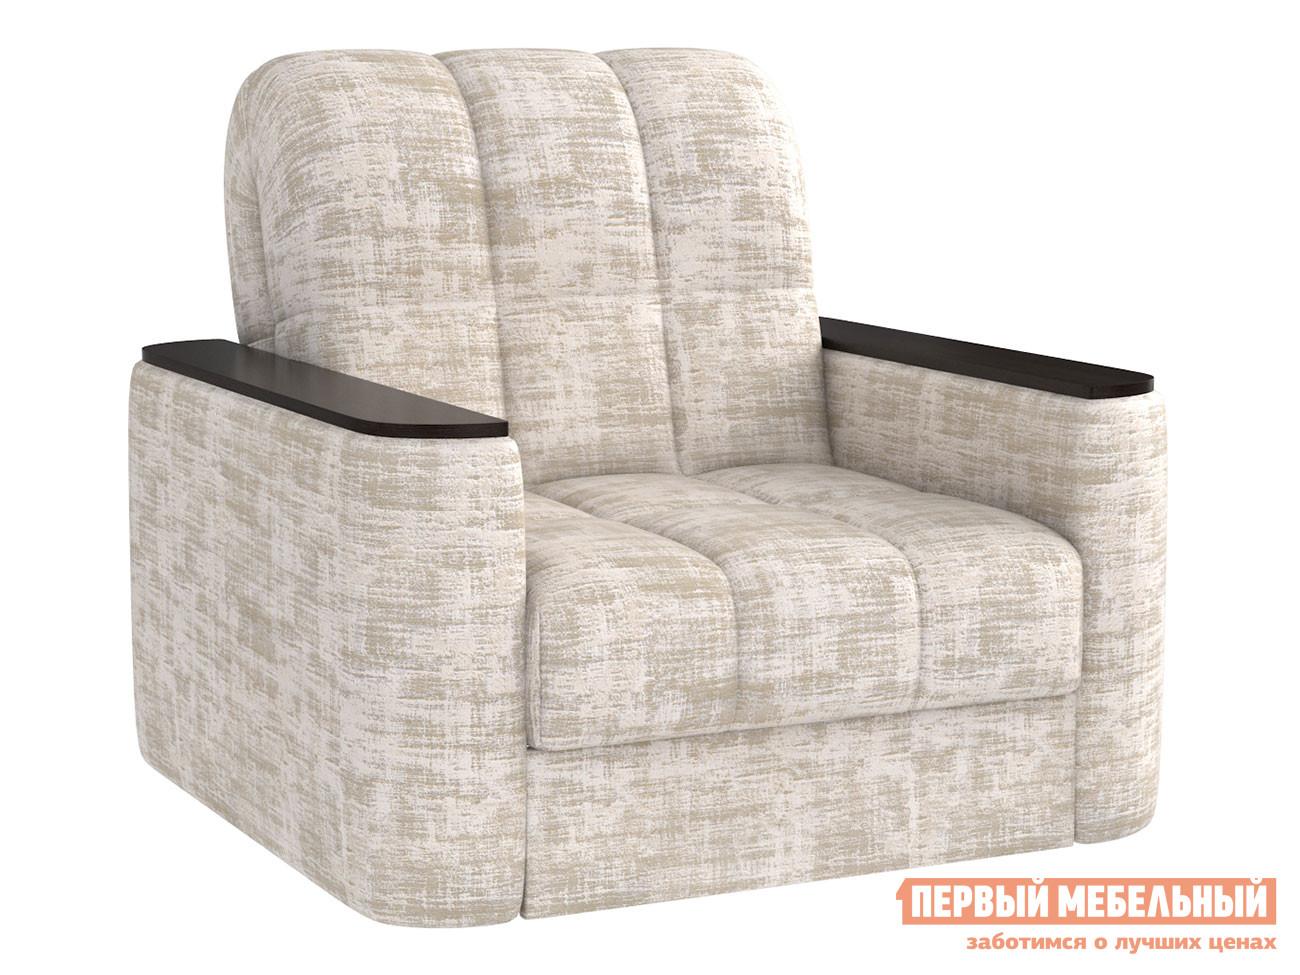 Кресло-кровать Первый Мебельный Лукас Люкс кресло кровать первый мебельный марио люкс